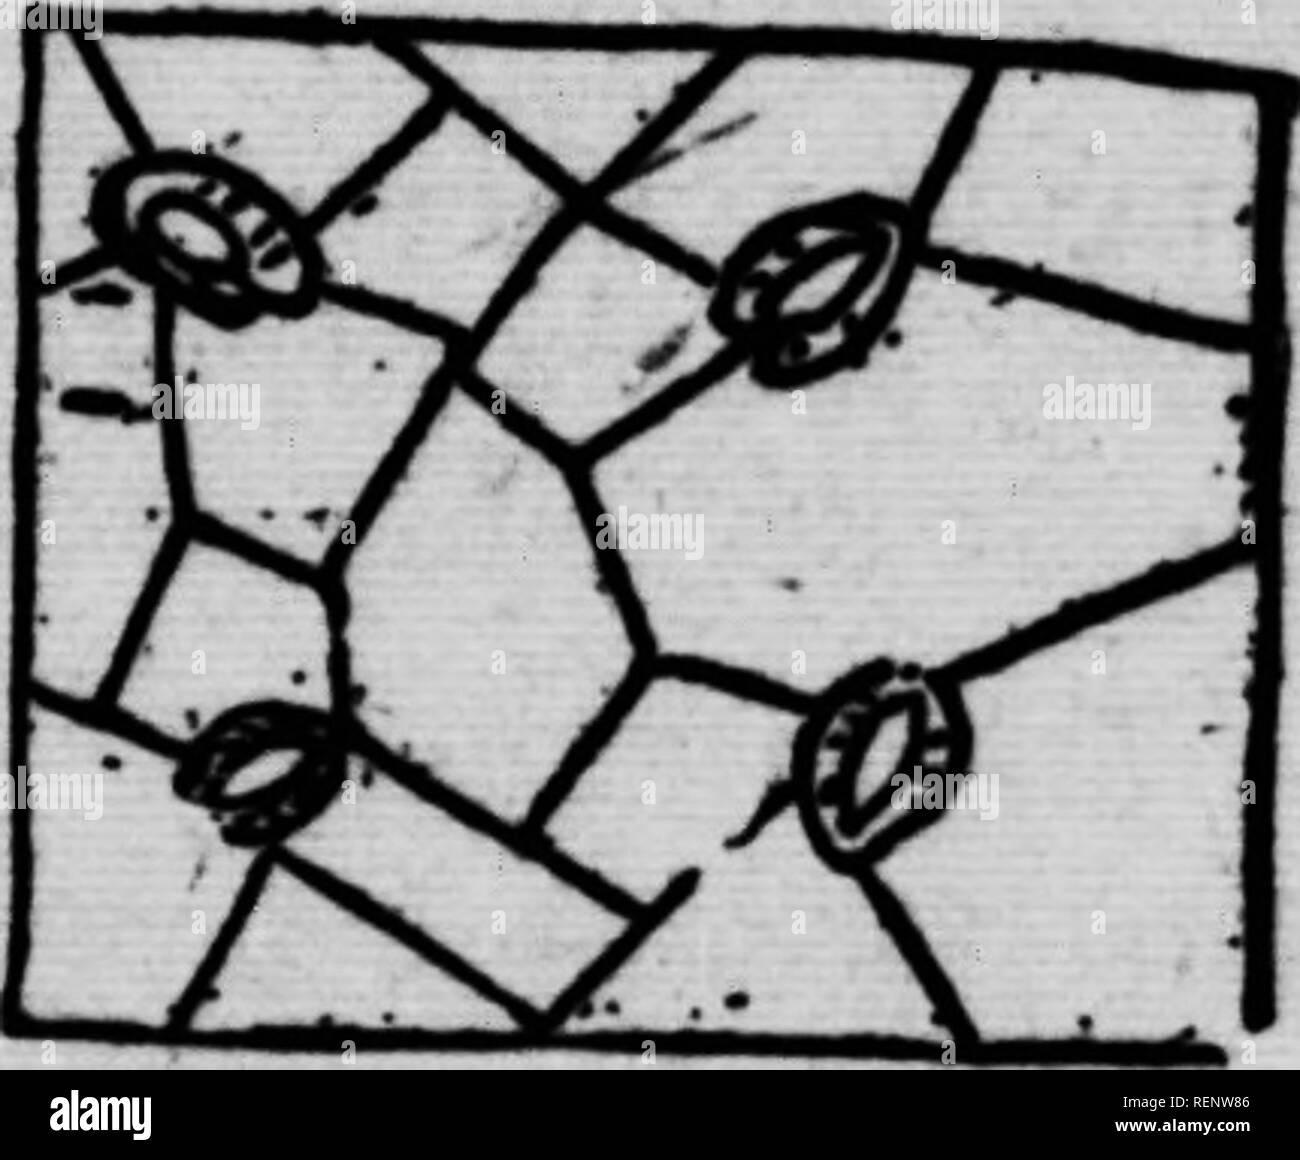 """. Abrégé de botanique [microforme]. Botanique; la botánica. FEUILL^ 21. T^' ,J^^8 Â""""Â""""^Â""""*. ≪Â""""ont les feuilles des plantes dicotylà Doná""""-""""es (E""""ble, par ejemplo) qui offrent cette ramificación infini des nervures para à 1; chez les monocotylédones, les nervures para wnt presque parallèles dans l'étendue de la feuille (dinde Blé). Les nervures para grosseur diminuent de à mesure qu'el im- se ramifient.âCe qui donne la couleur verte et aux feuilles en géna©ral aux partes herbacés des plantes, c'est une matière granuleuse nommée chlorophylle, contenue dans les células. L'épiderme e""""t ordinair Foto de stock"""